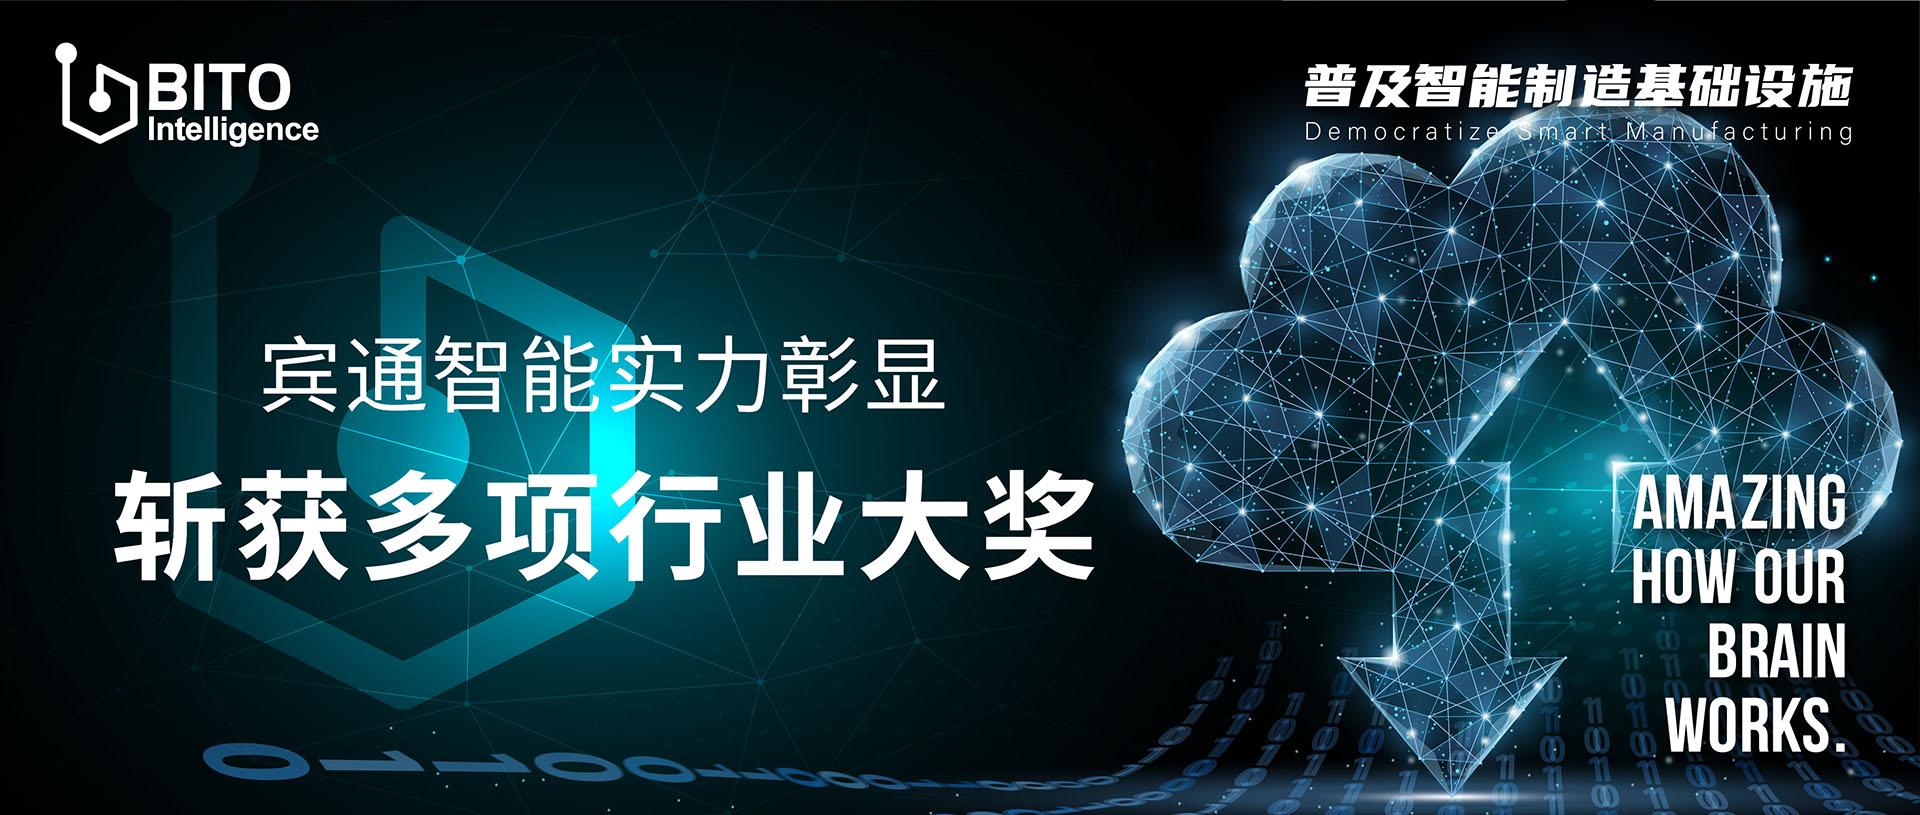 荣耀加冕 宾通智能斩获多项行业大奖,助力制造业智能升级